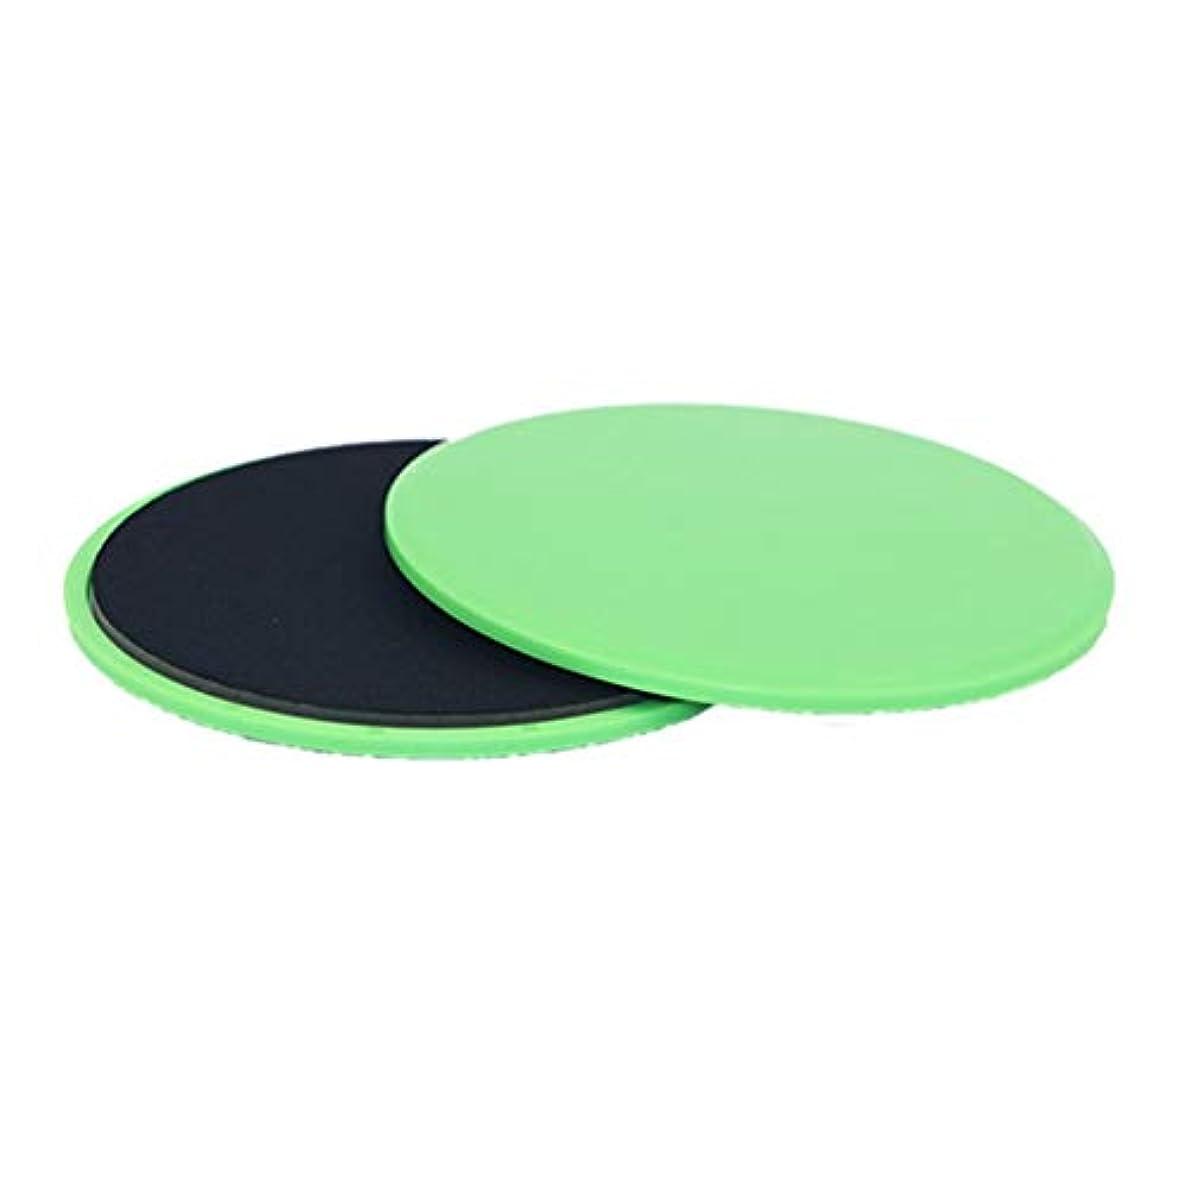 レーニン主義ビジョン効率的フィットネススライドグライディングディスクコーディネーション能力フィットネスエクササイズスライダーコアトレーニング用腹部と全身トレーニング - グリーン